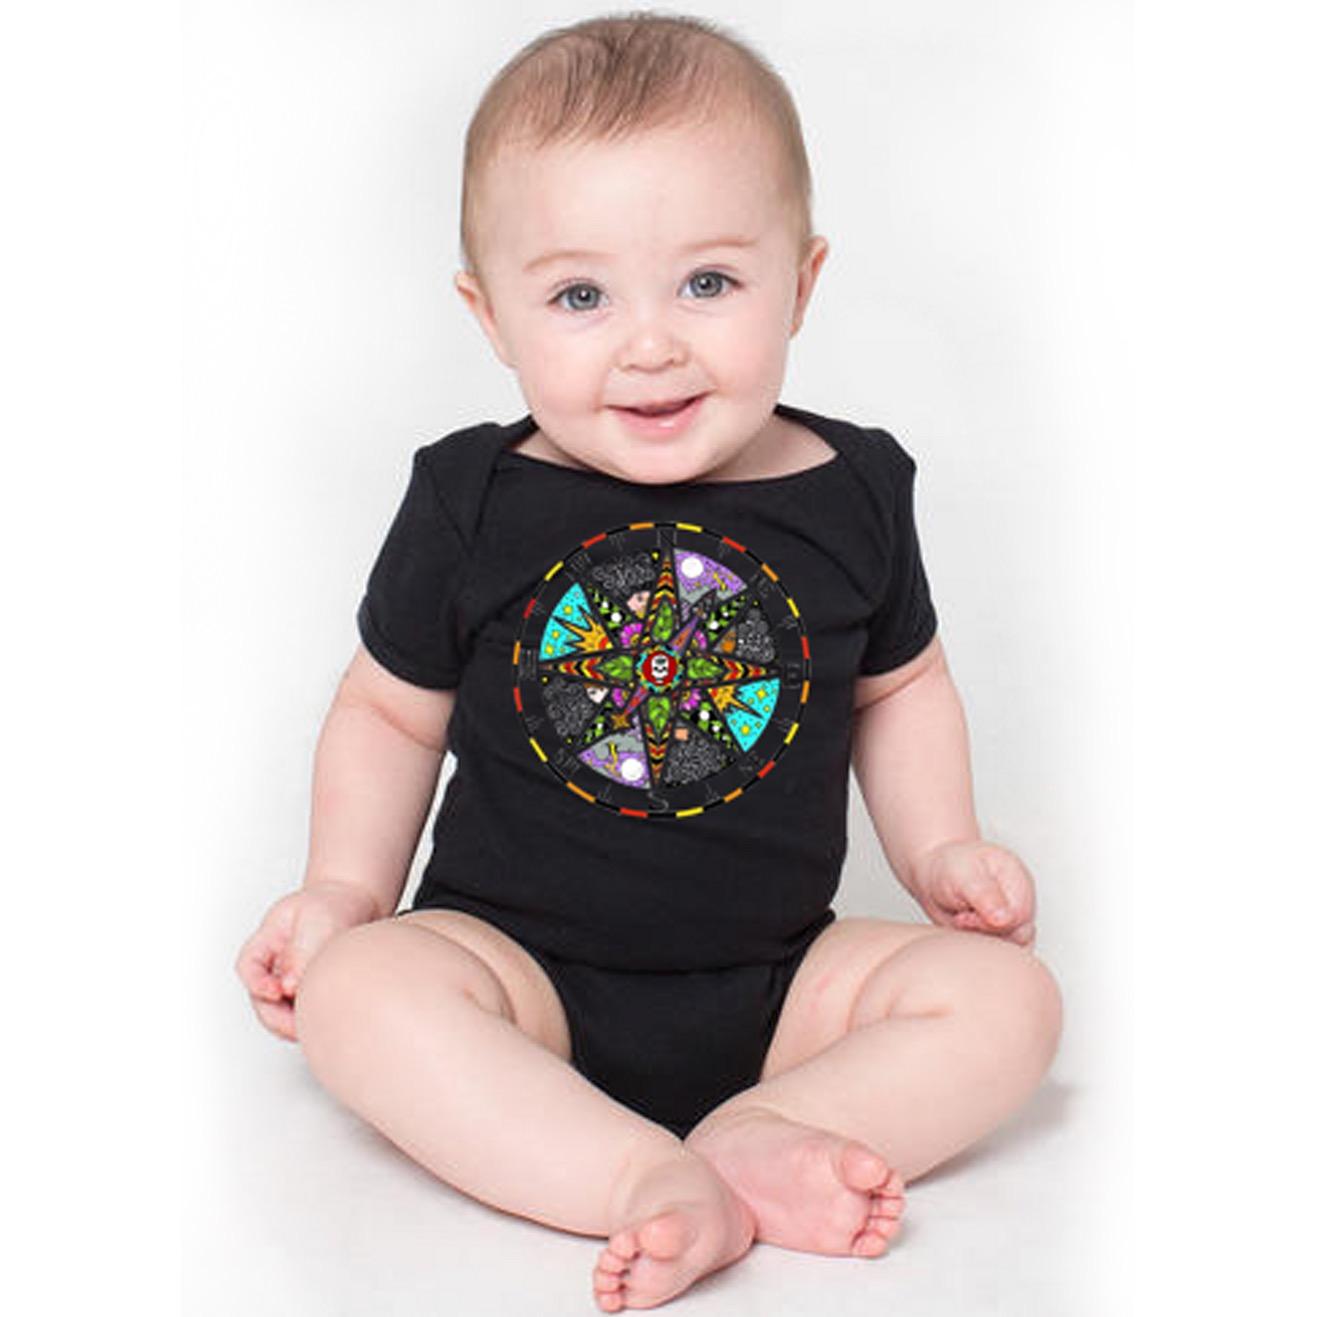 Baby-Onesie copy 23.jpg